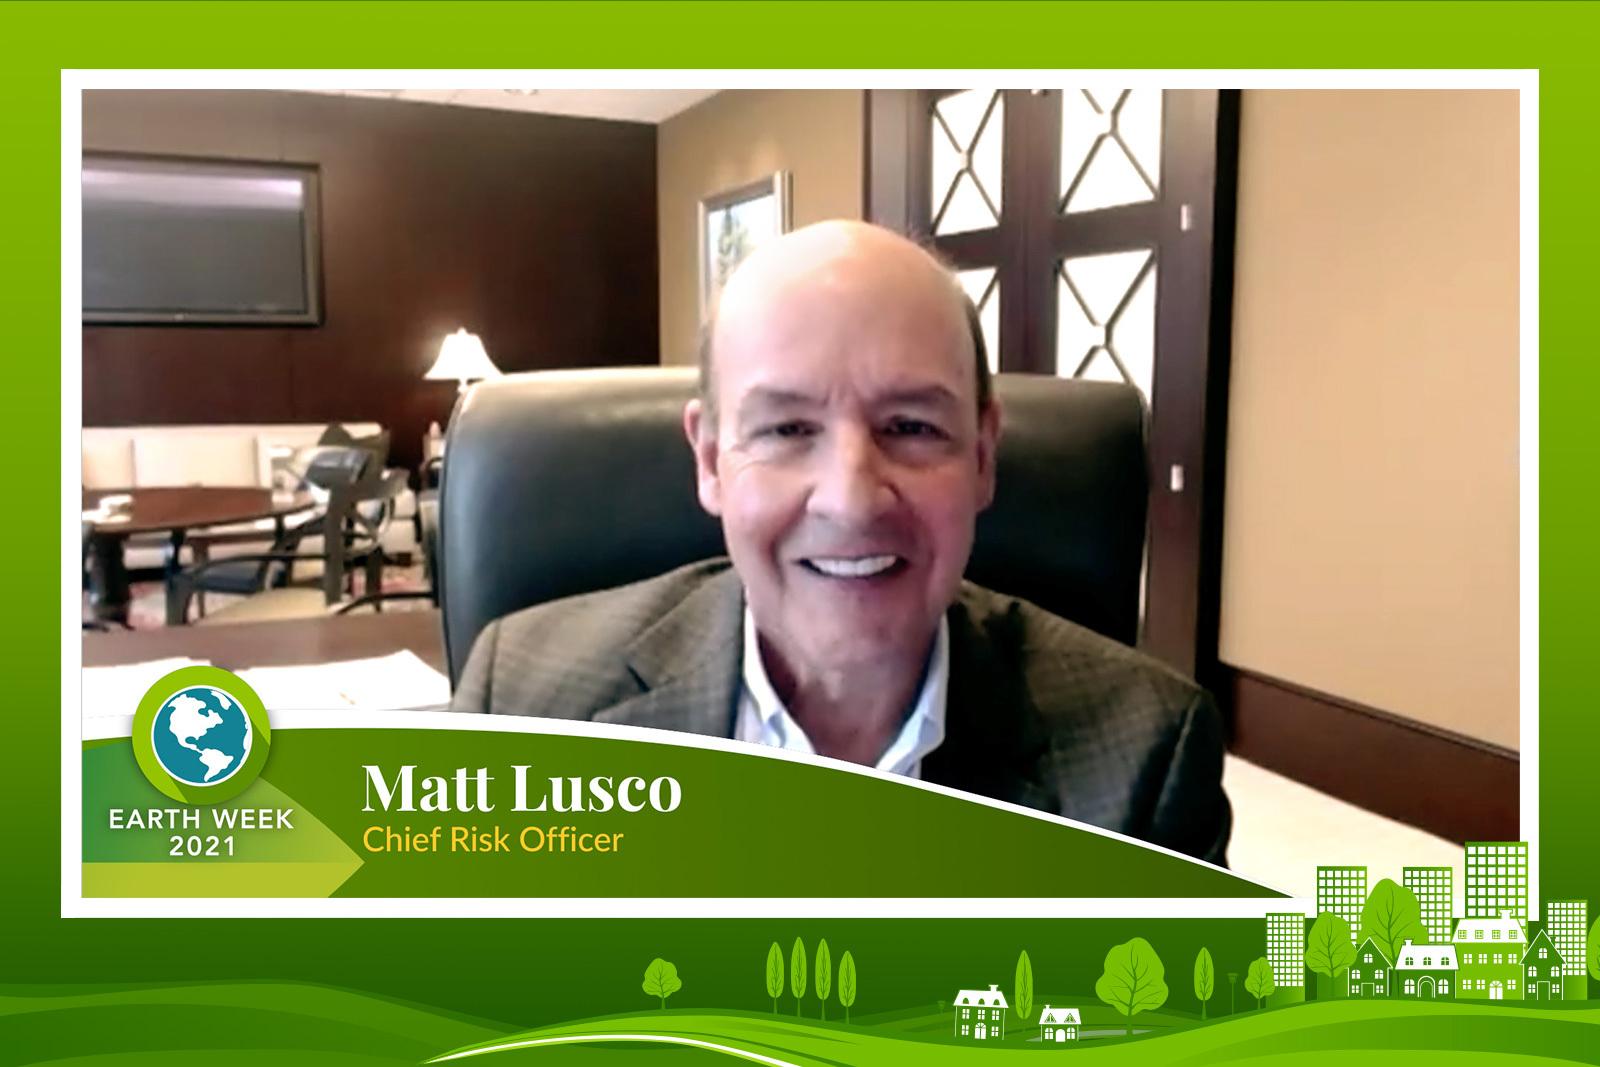 Matt Lusco - Earth Week 2021